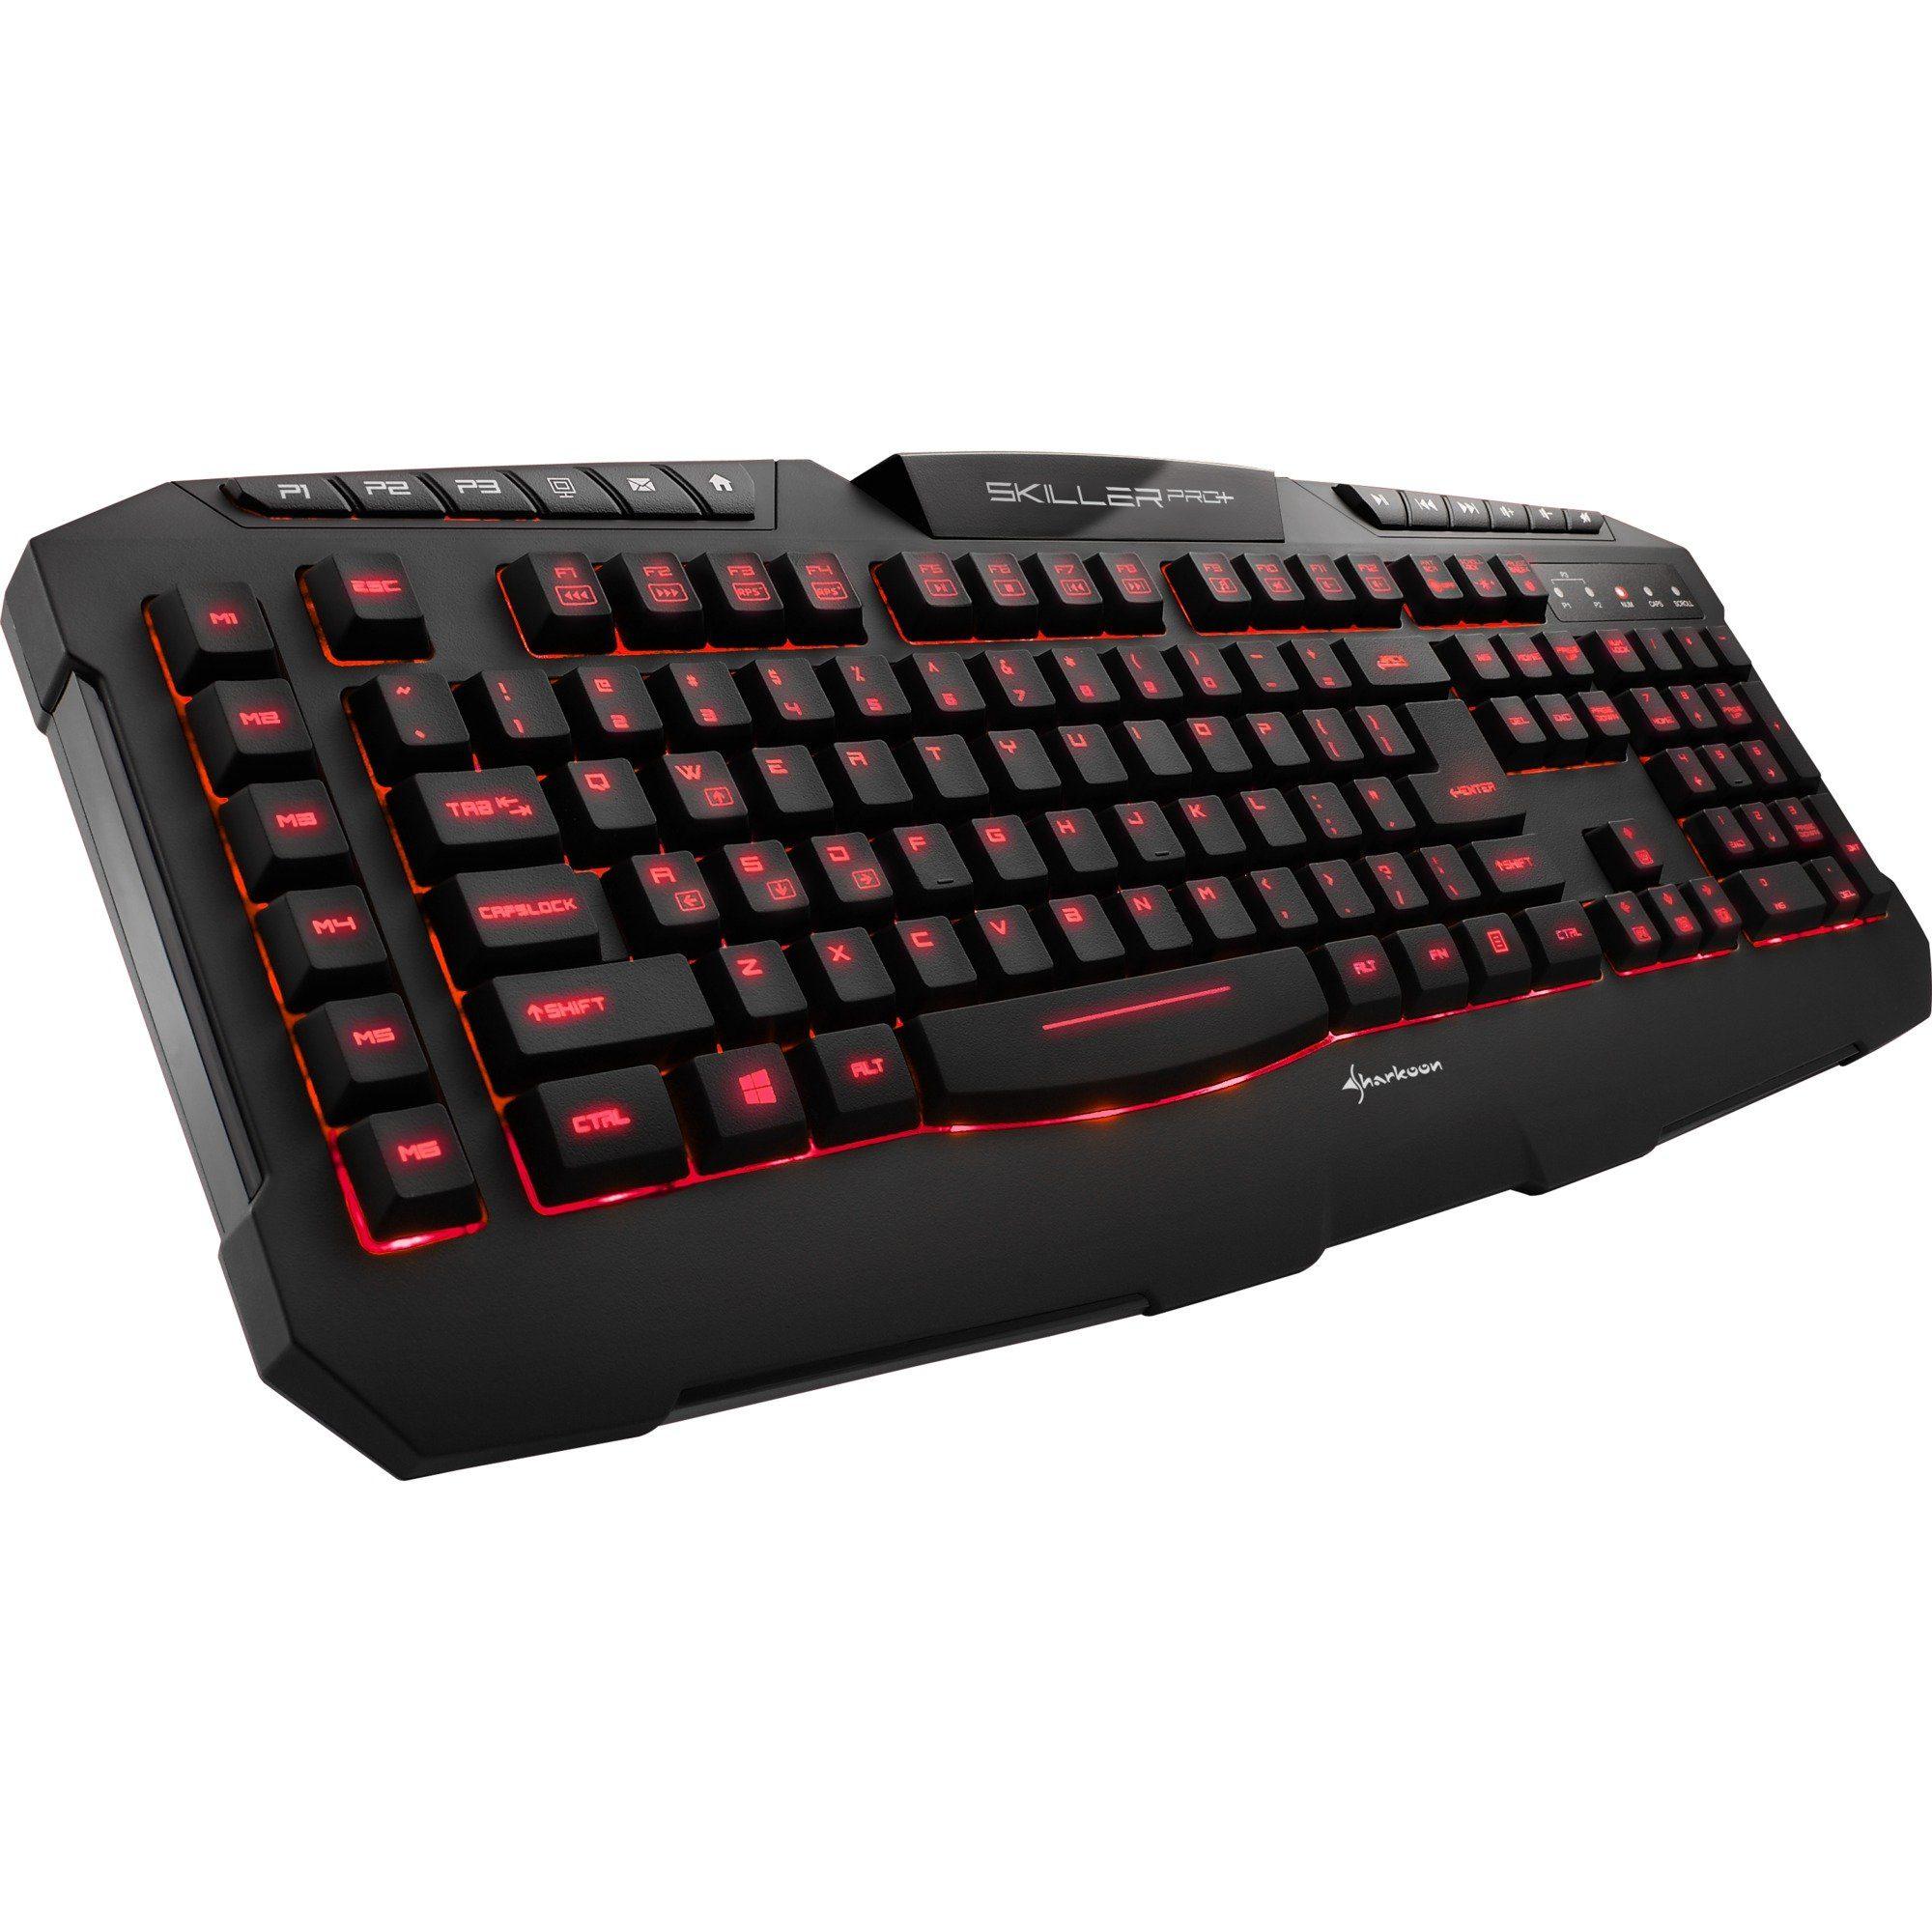 [Otto] Sharkon Skiller Pro+ Gaming Tastatur für 23,94€